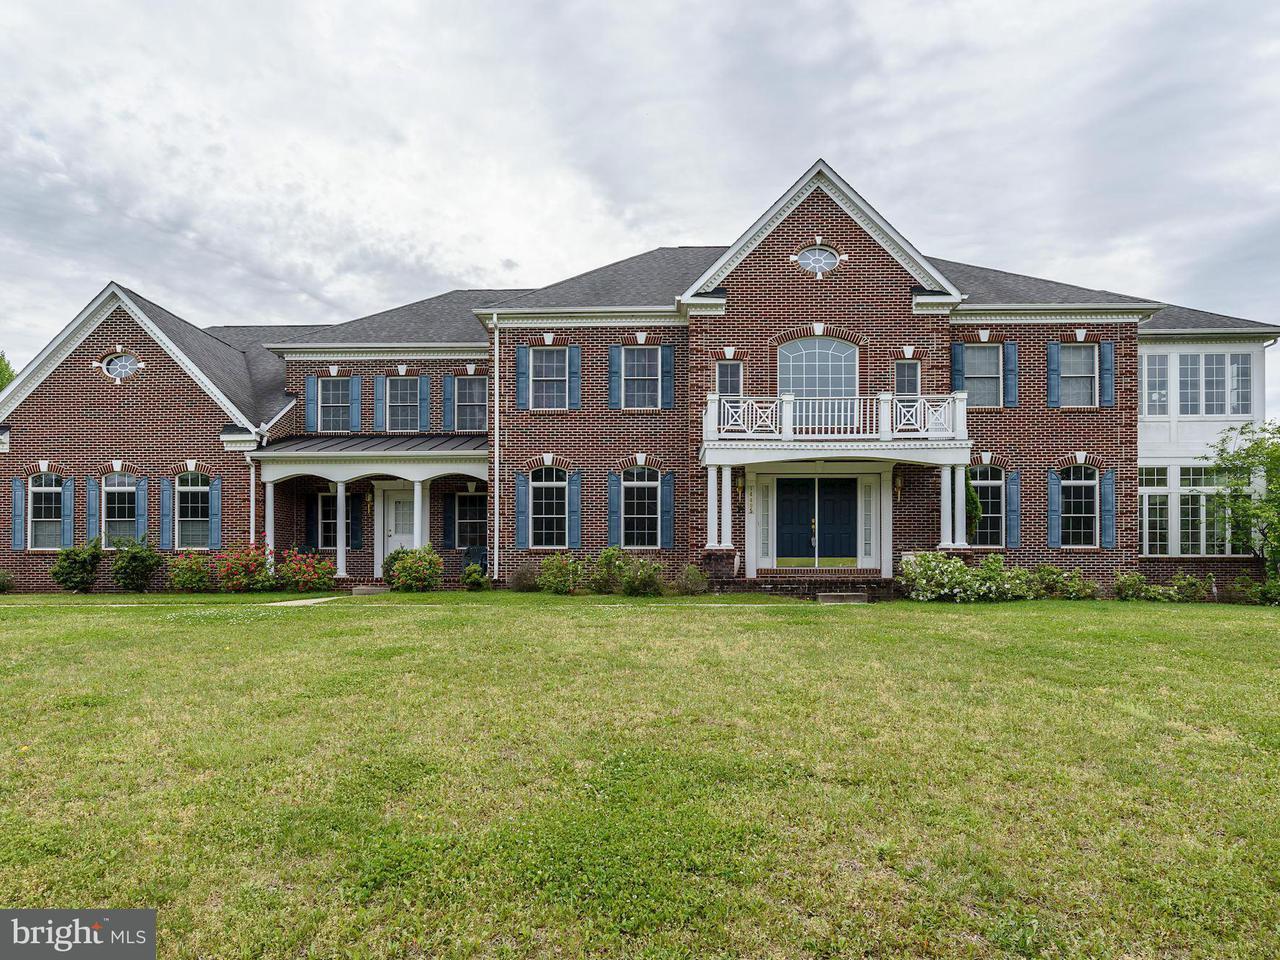 단독 가정 주택 용 매매 에 14405 Woodmore Oaks Court 14405 Woodmore Oaks Court Bowie, 메릴랜드 20721 미국